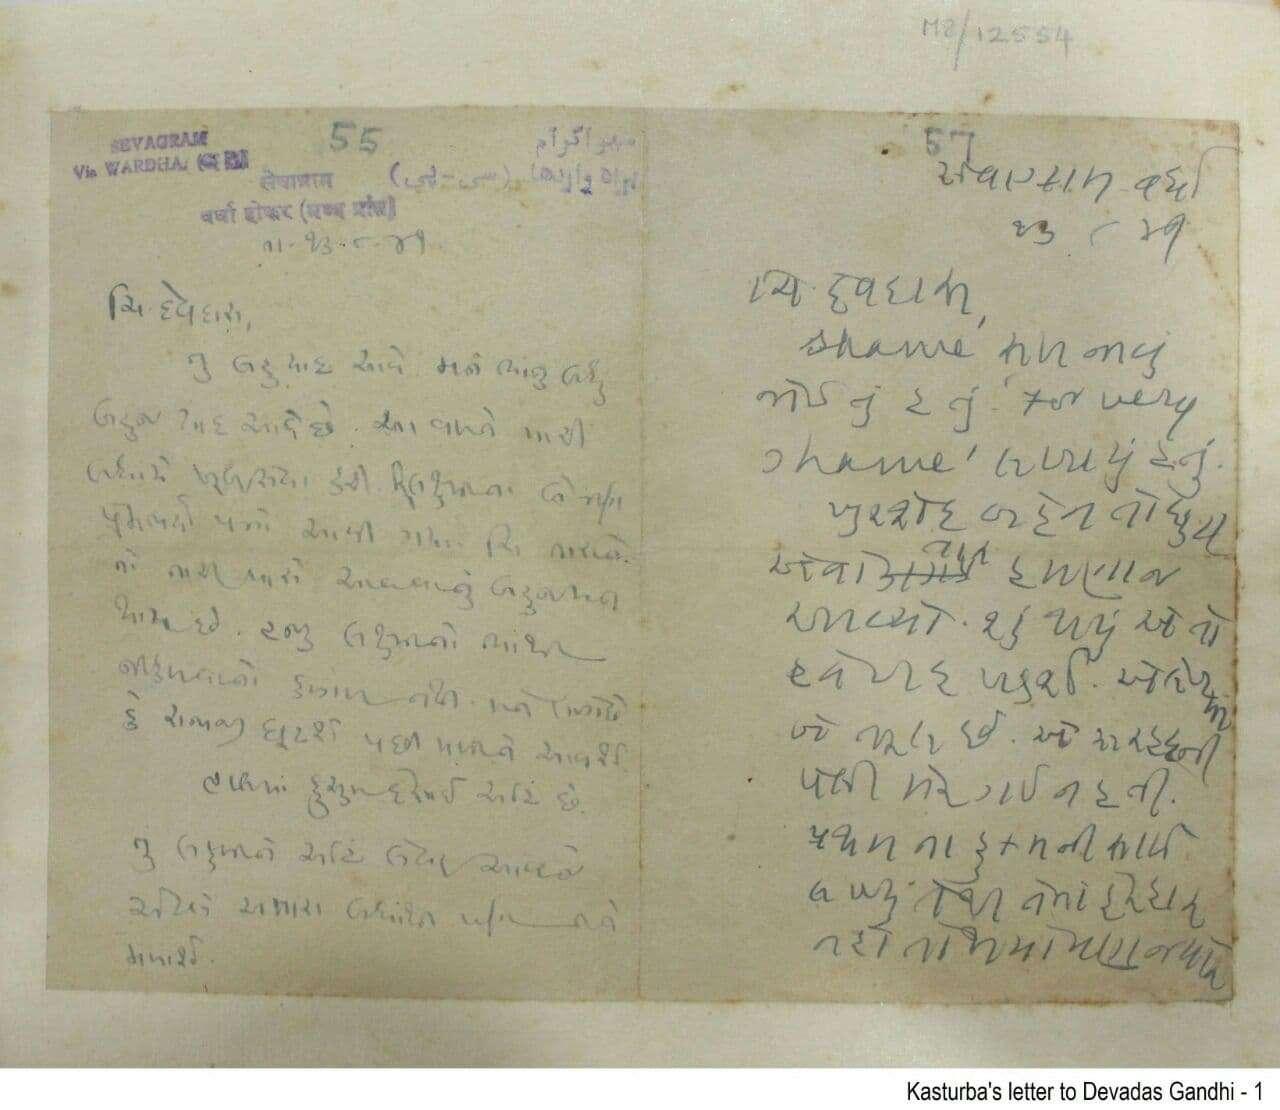 अब आप भी देख सकेंगे पुत्र देवदास को महात्मा गांधी की ओर से लिए अमूल्य पत्र